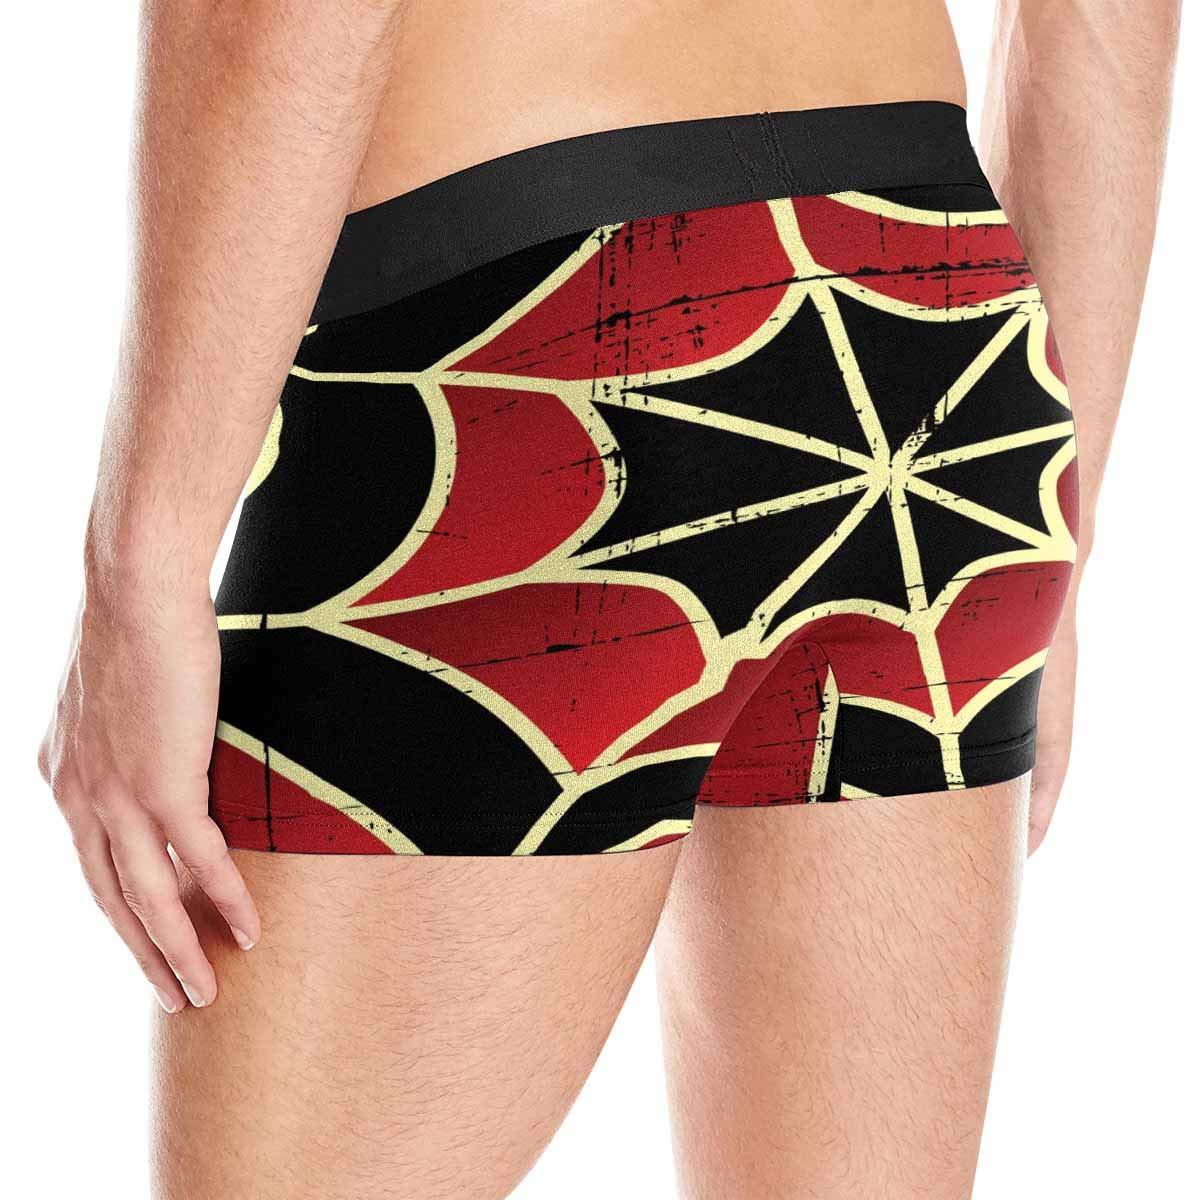 XS-3XL INTERESTPRINT Boxer Briefs Mens Underwear Colorful Spider